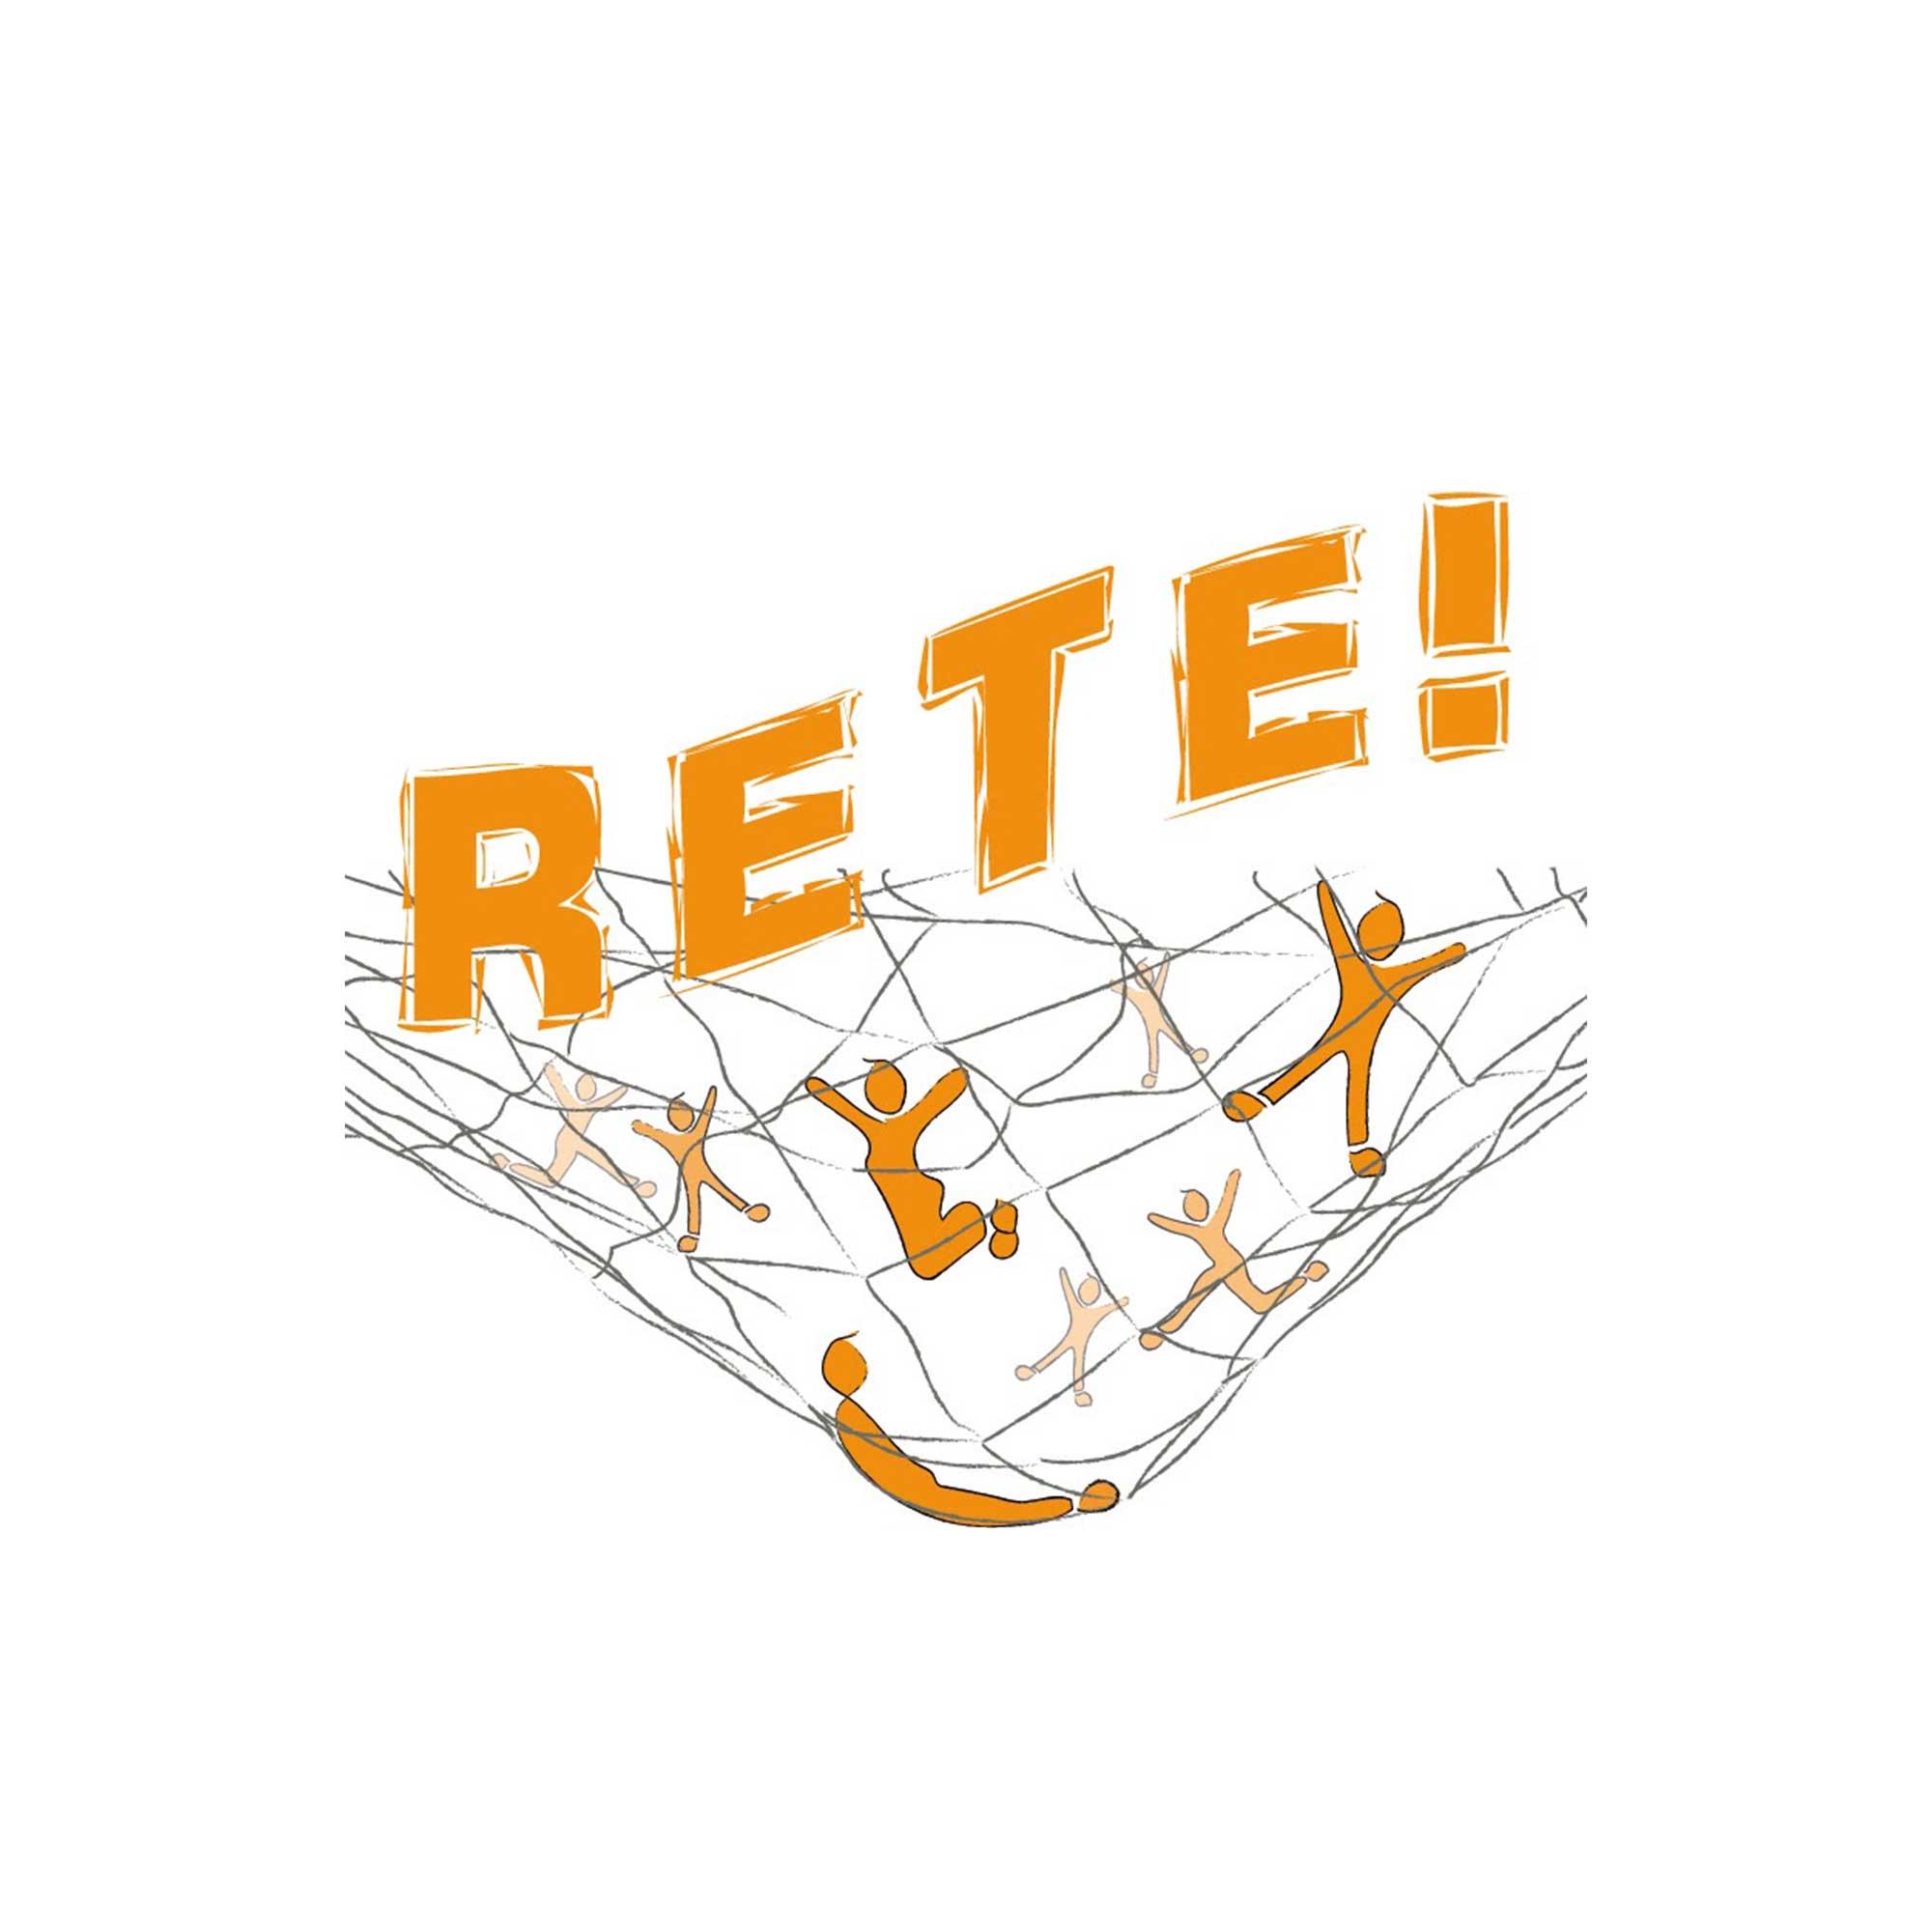 Il POST è partner del progetto RETE! per il contrasto alla povertà educativa